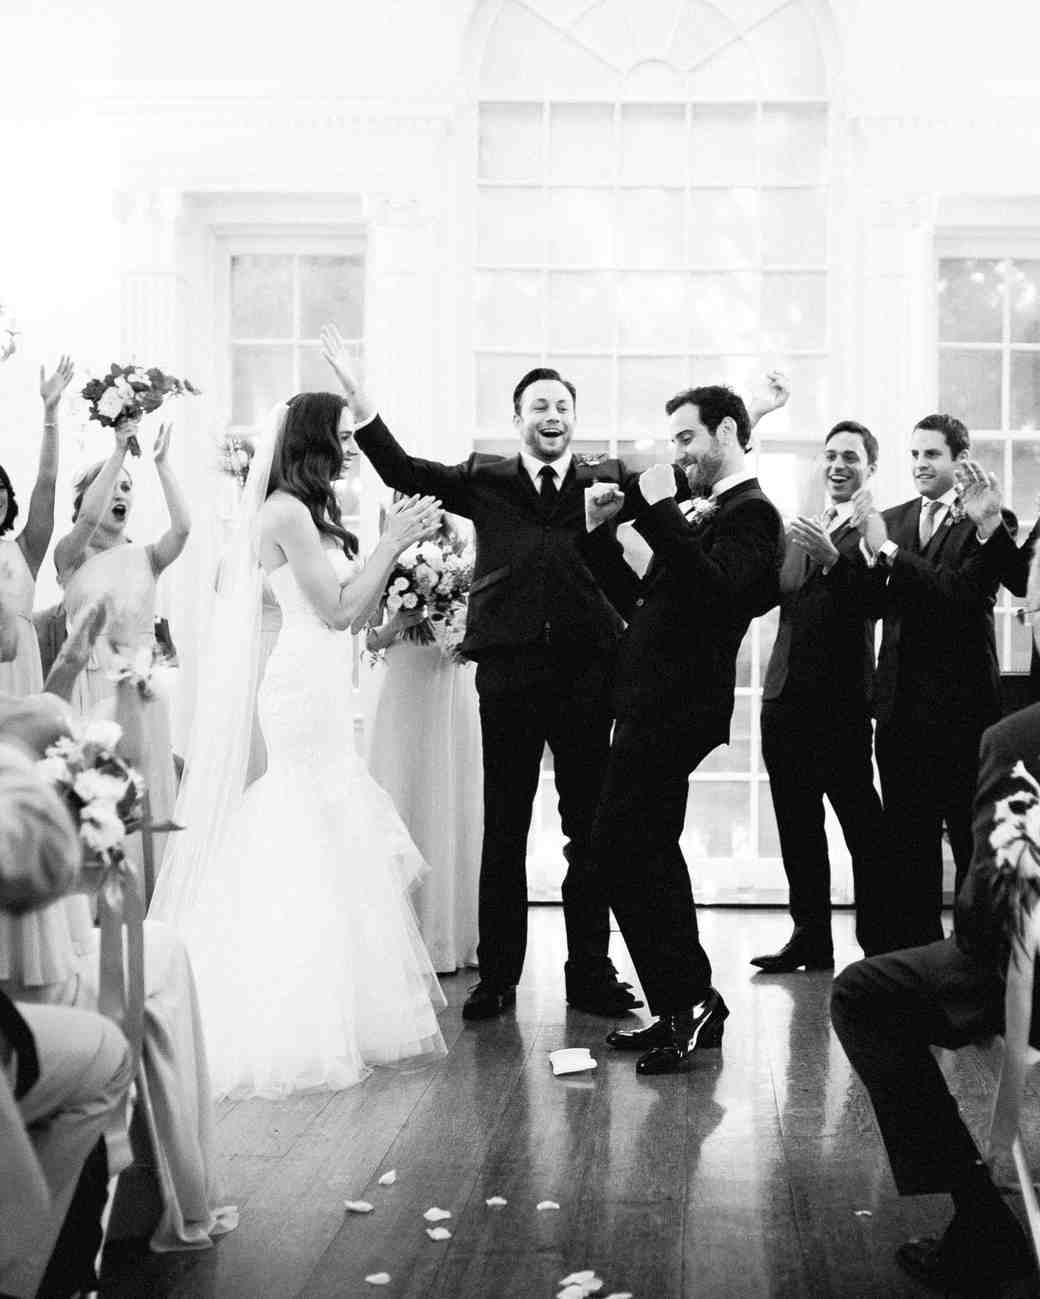 jackie-ross-wedding-ceremony-044-s111775-0215.jpg